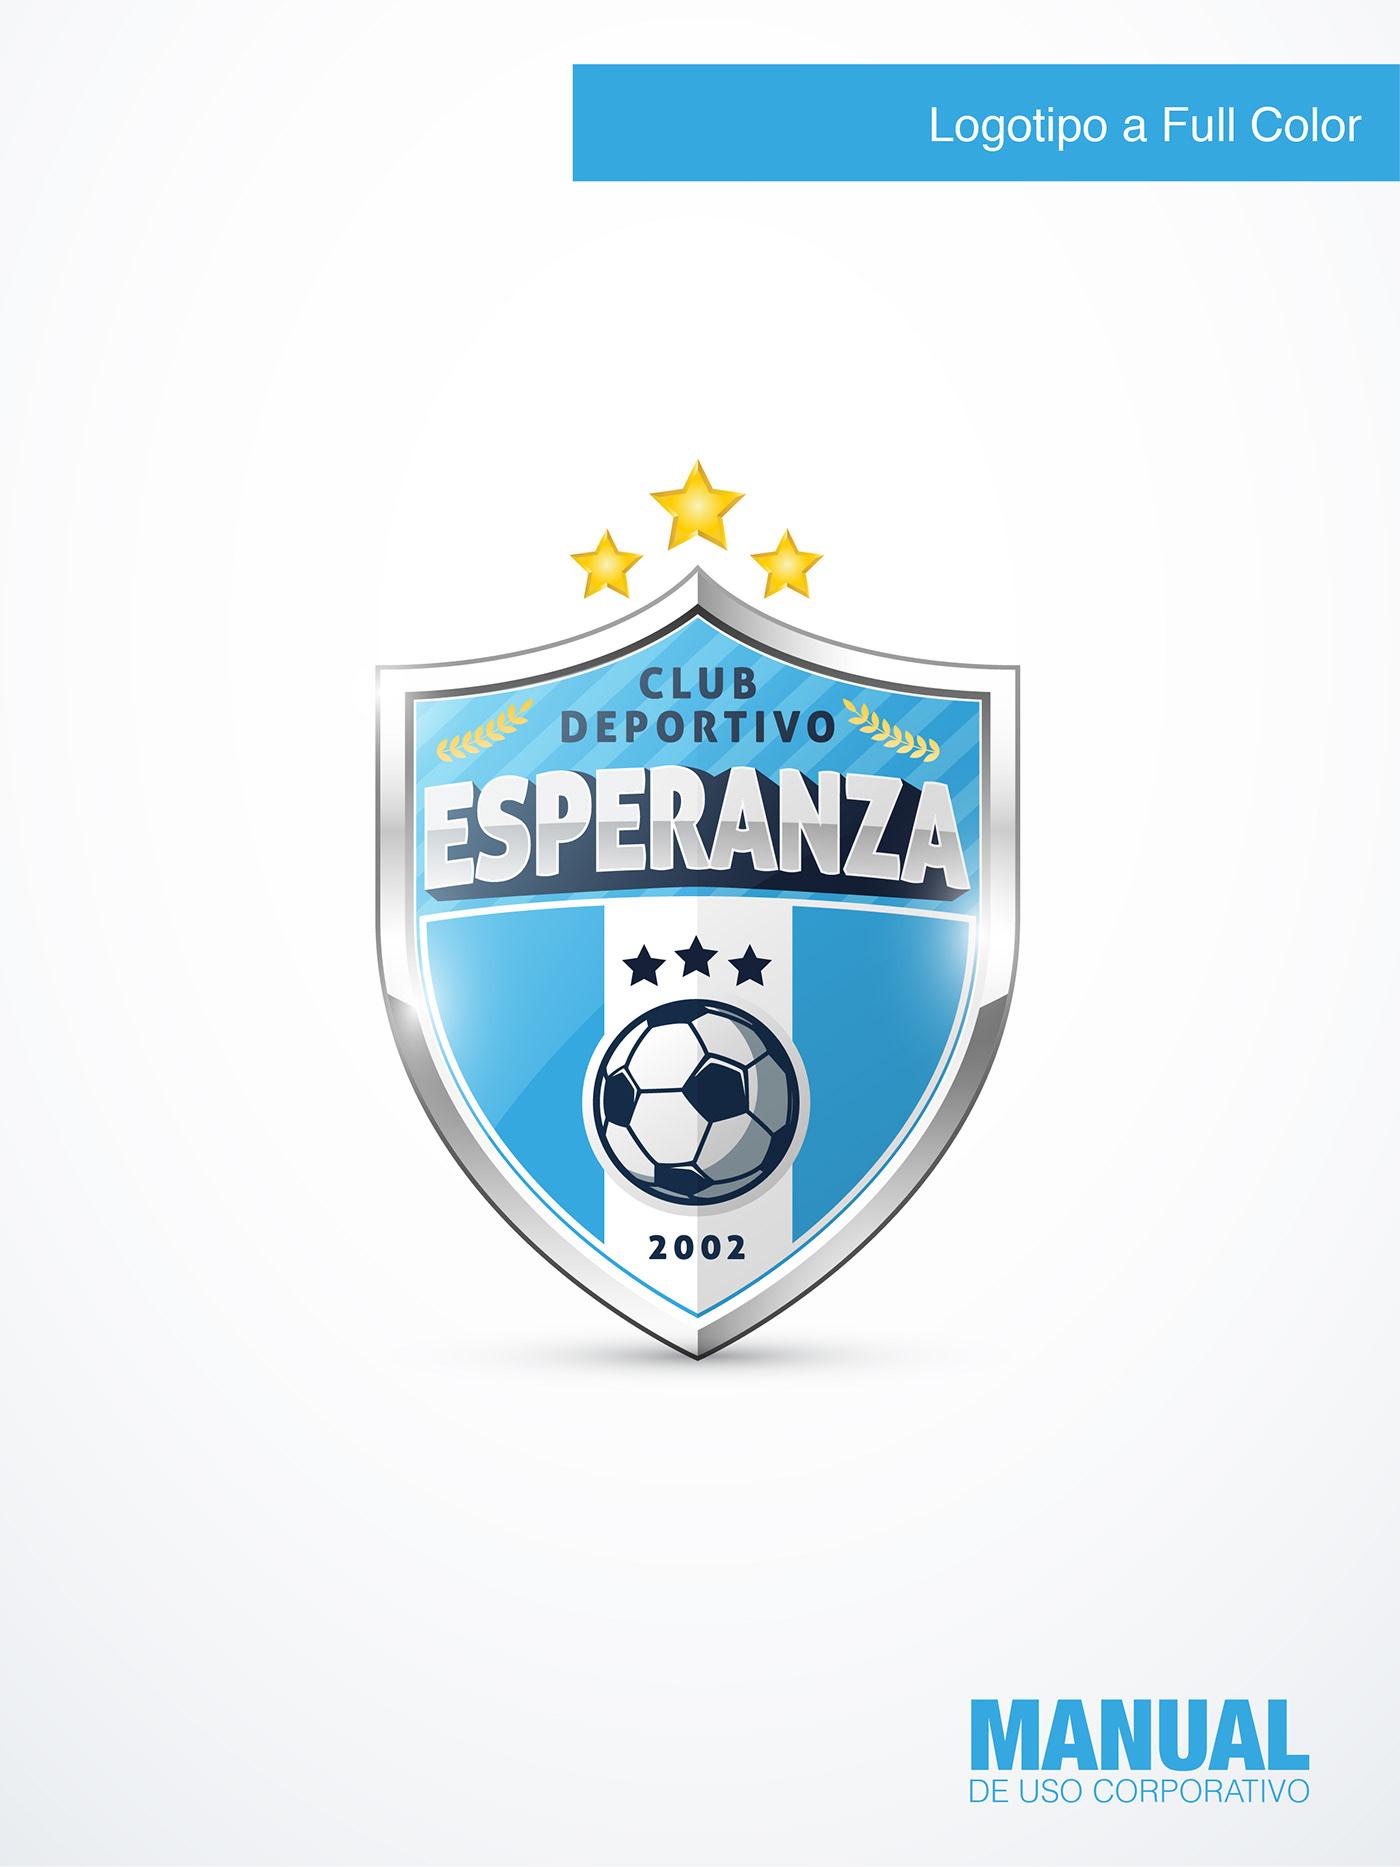 Image may contain: emblem, logo and trademark